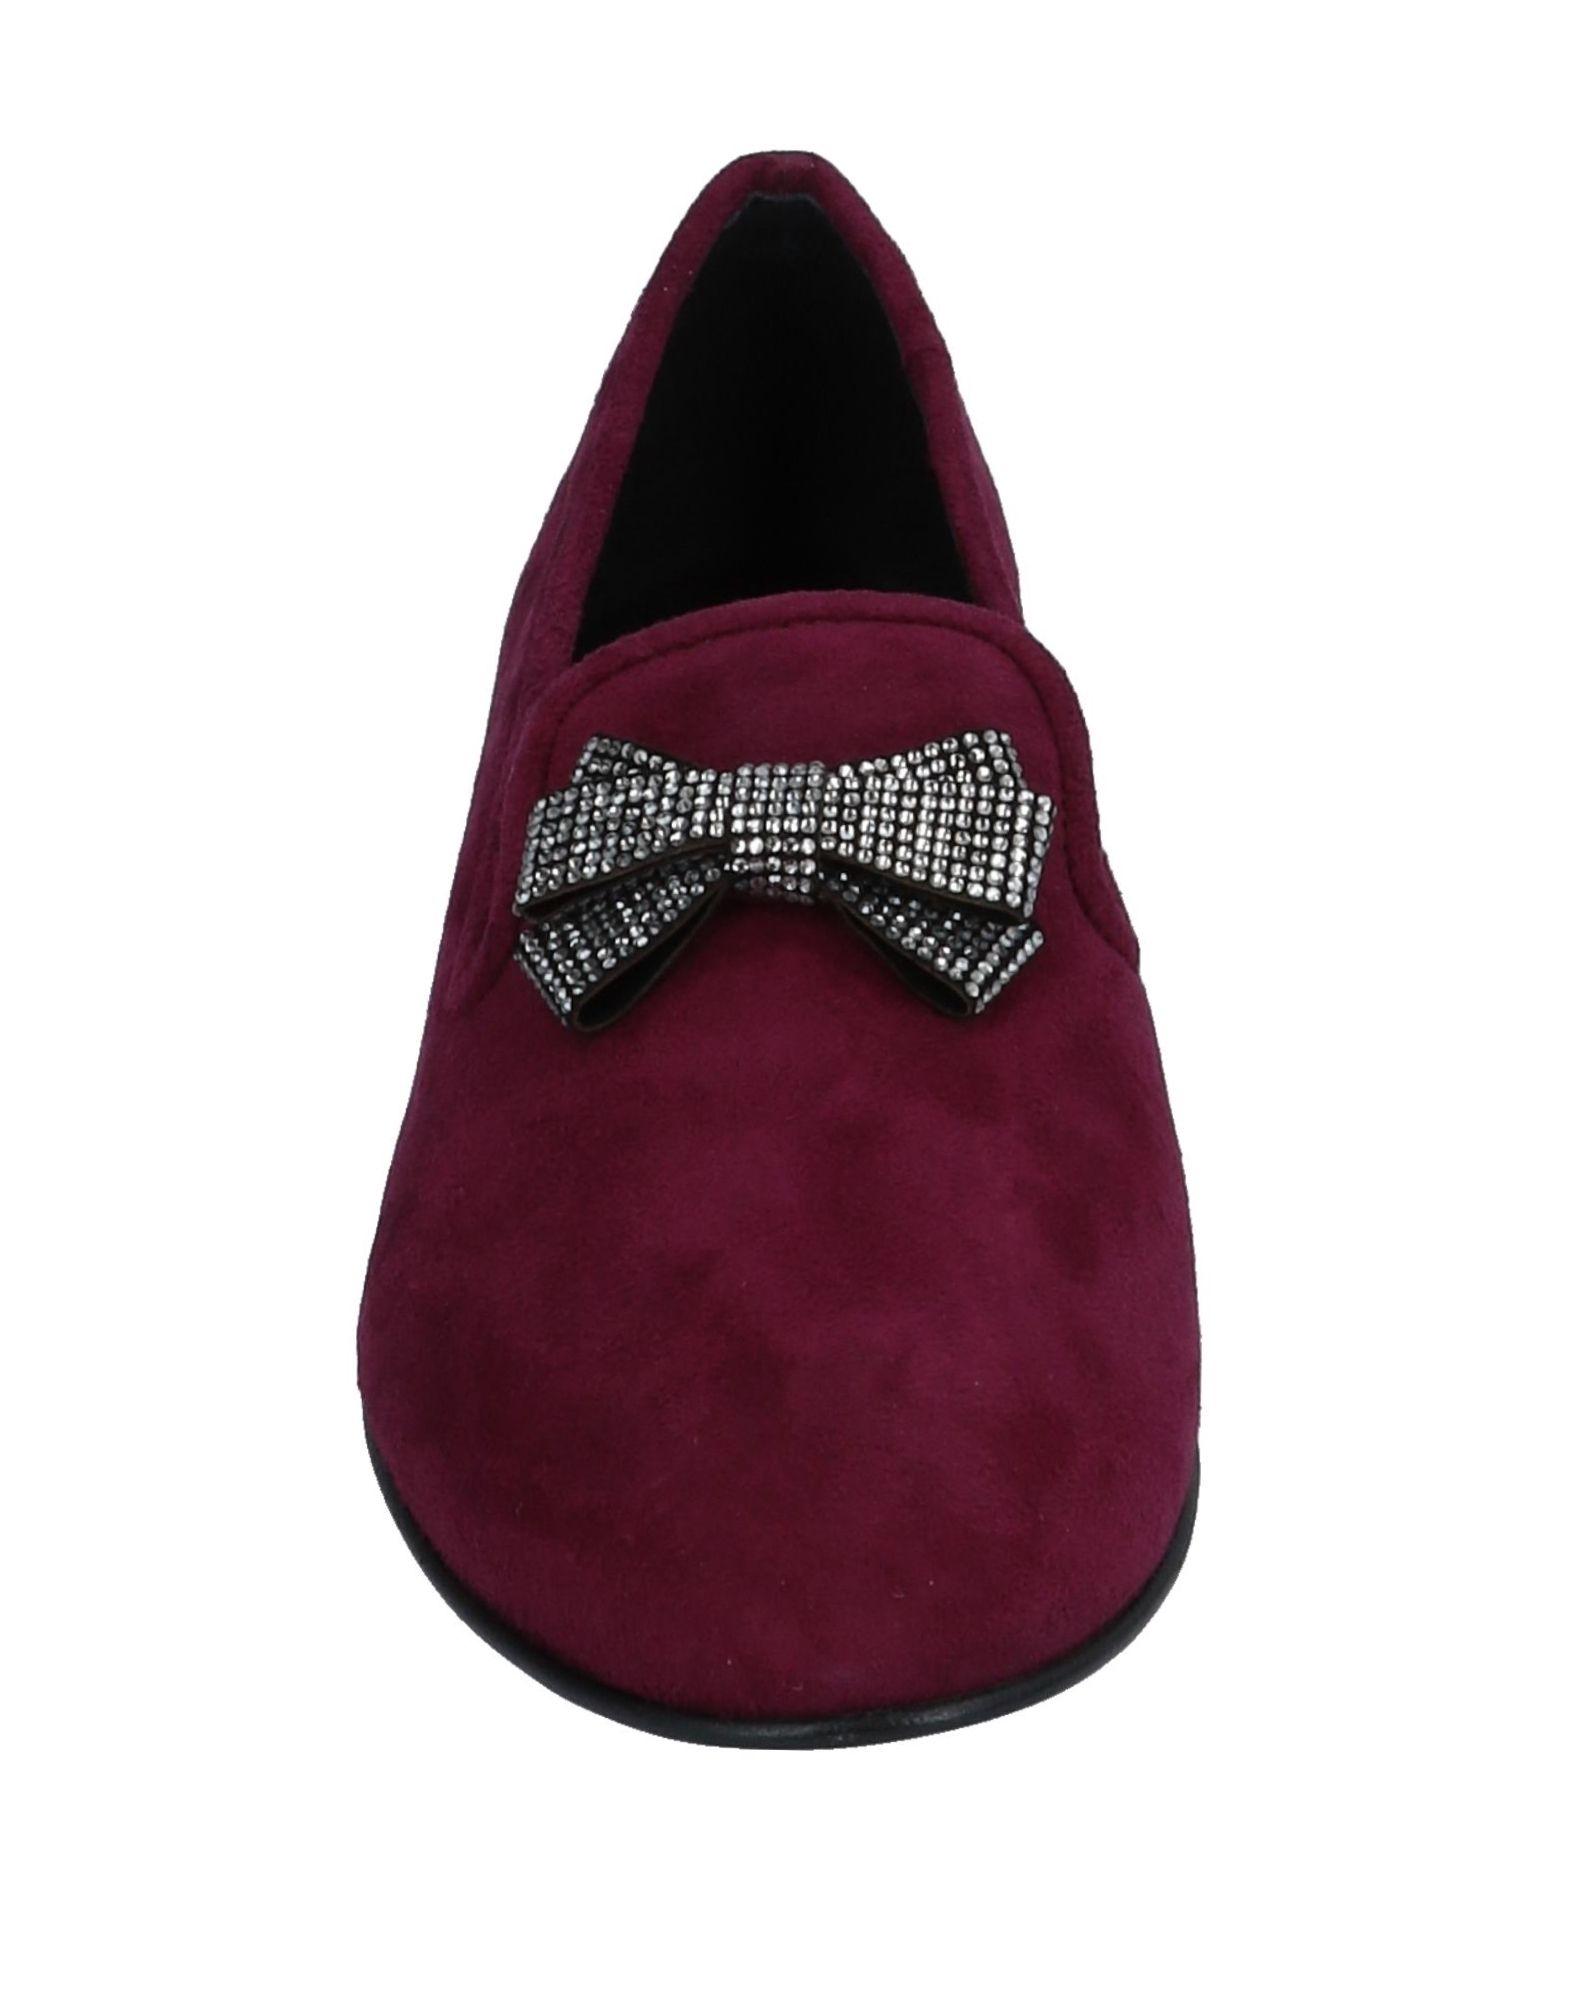 Giuseppe Zanotti Mokassins Damen Schuhe  11553591FRGünstige gut aussehende Schuhe Damen 442d14